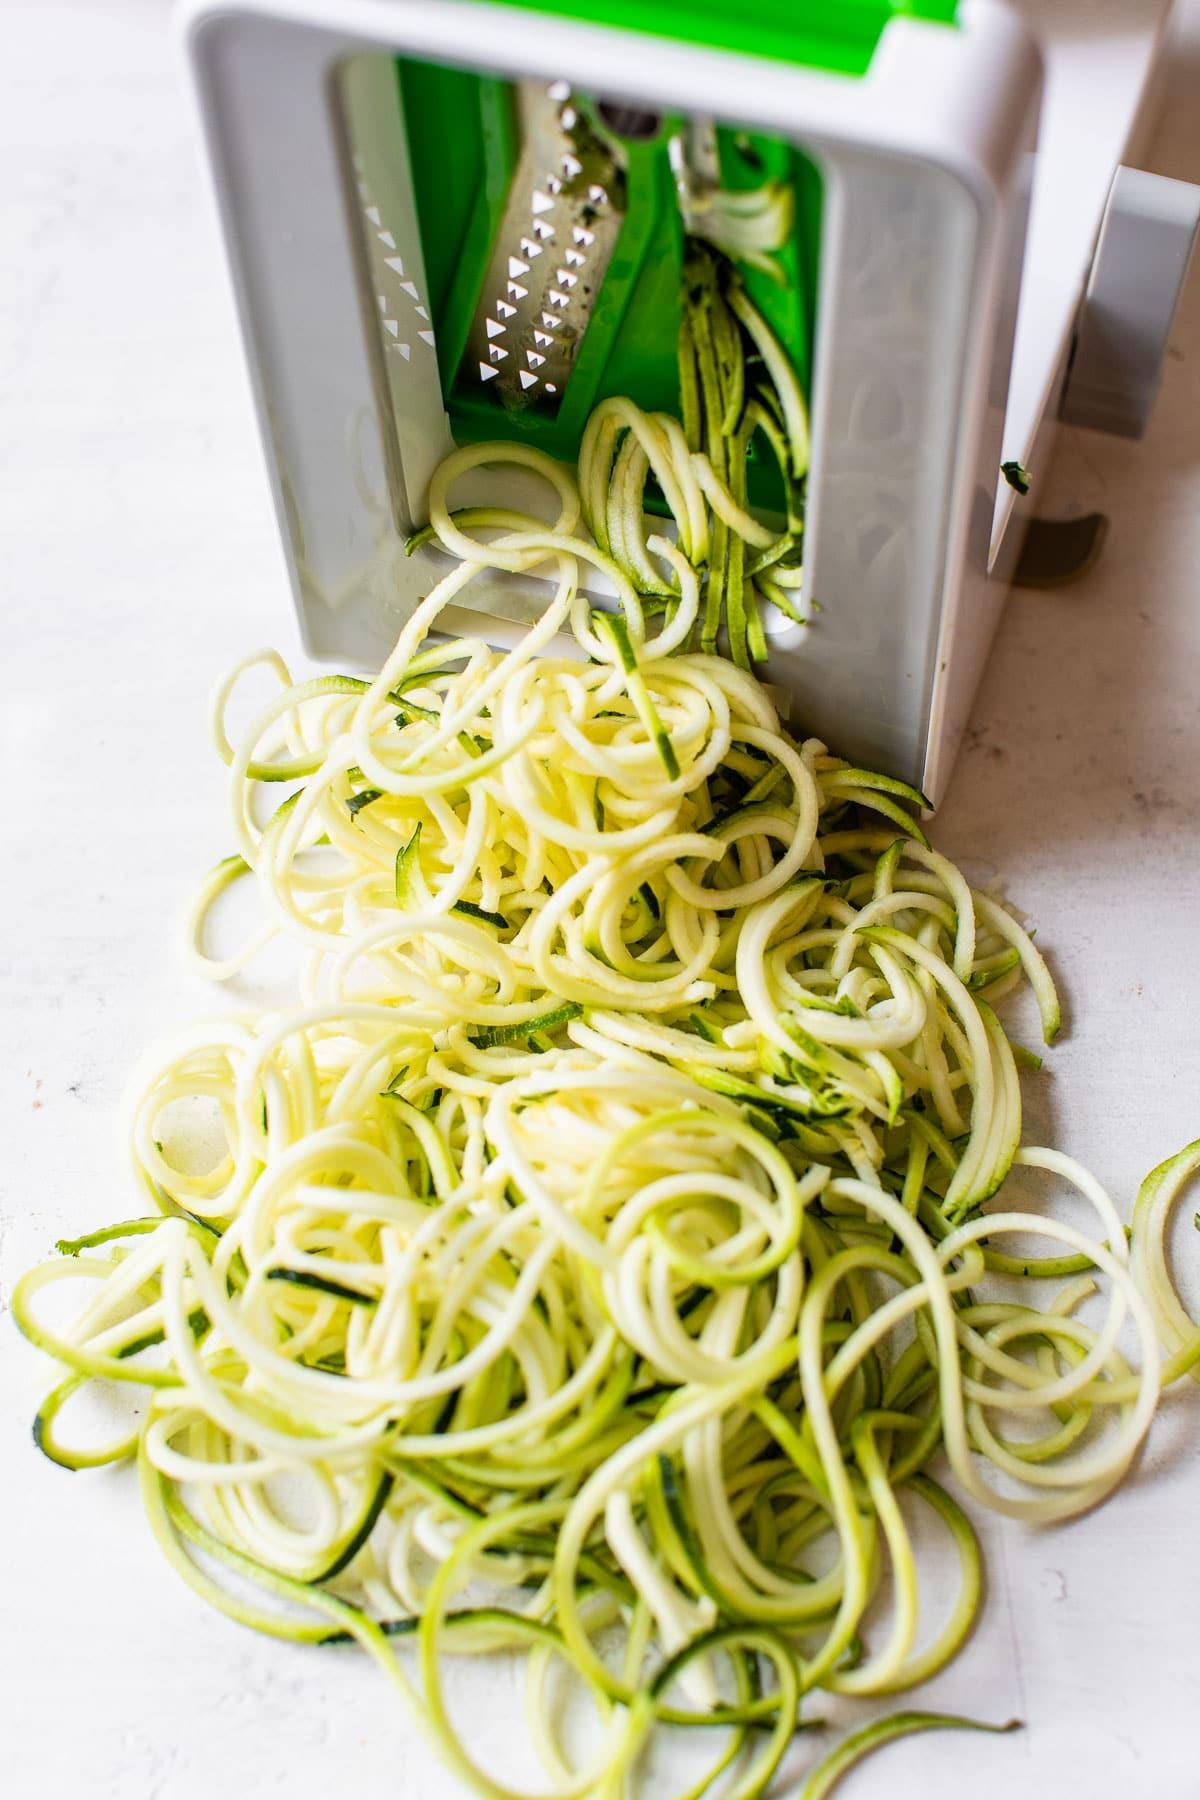 zucchini noodles in a spiralizer